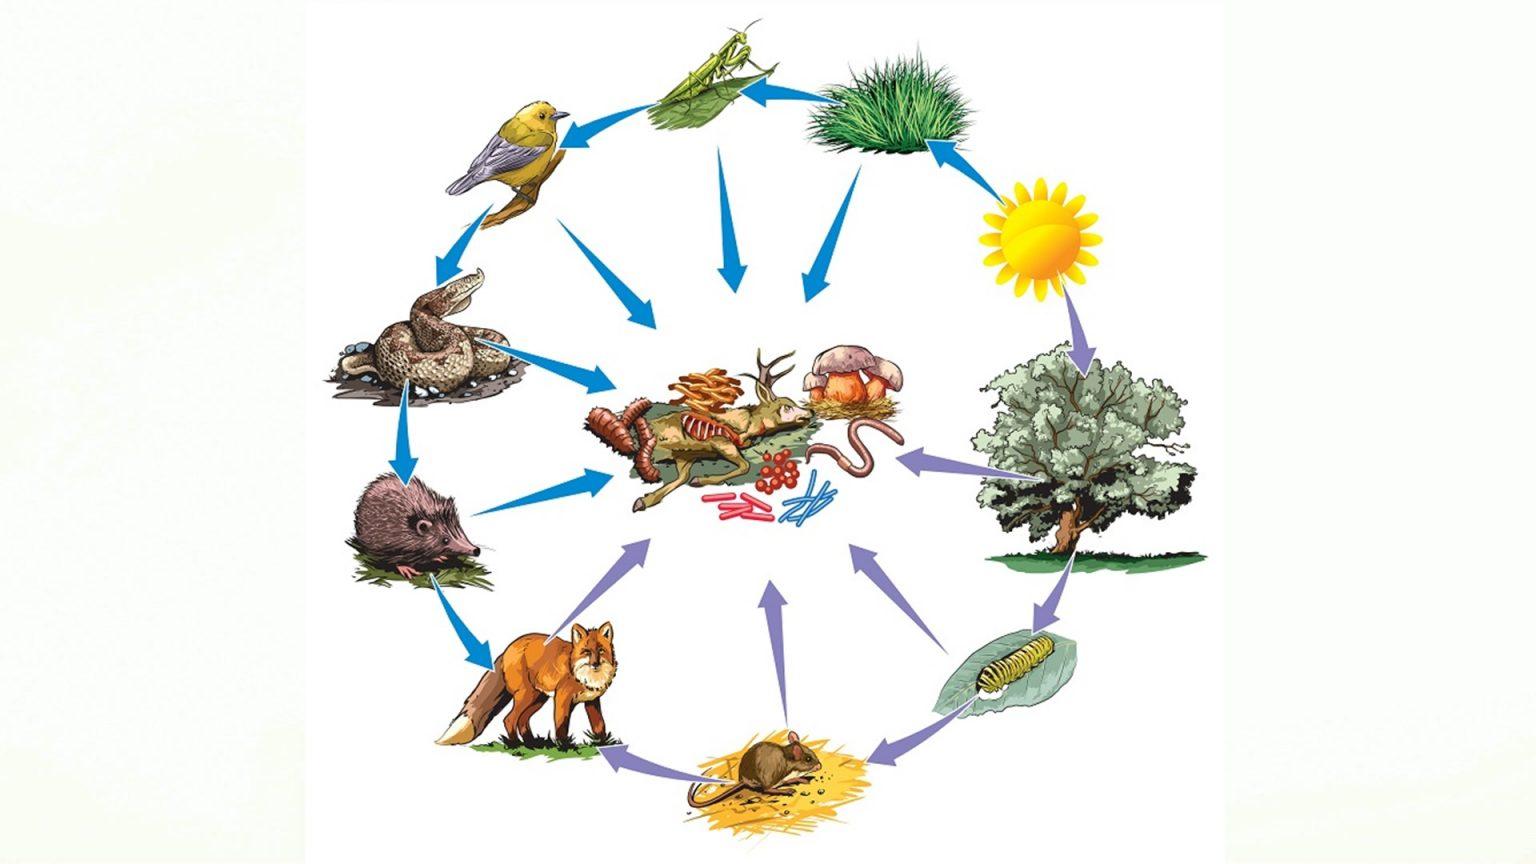 какое место экосистеме занимают в пищевой цепи